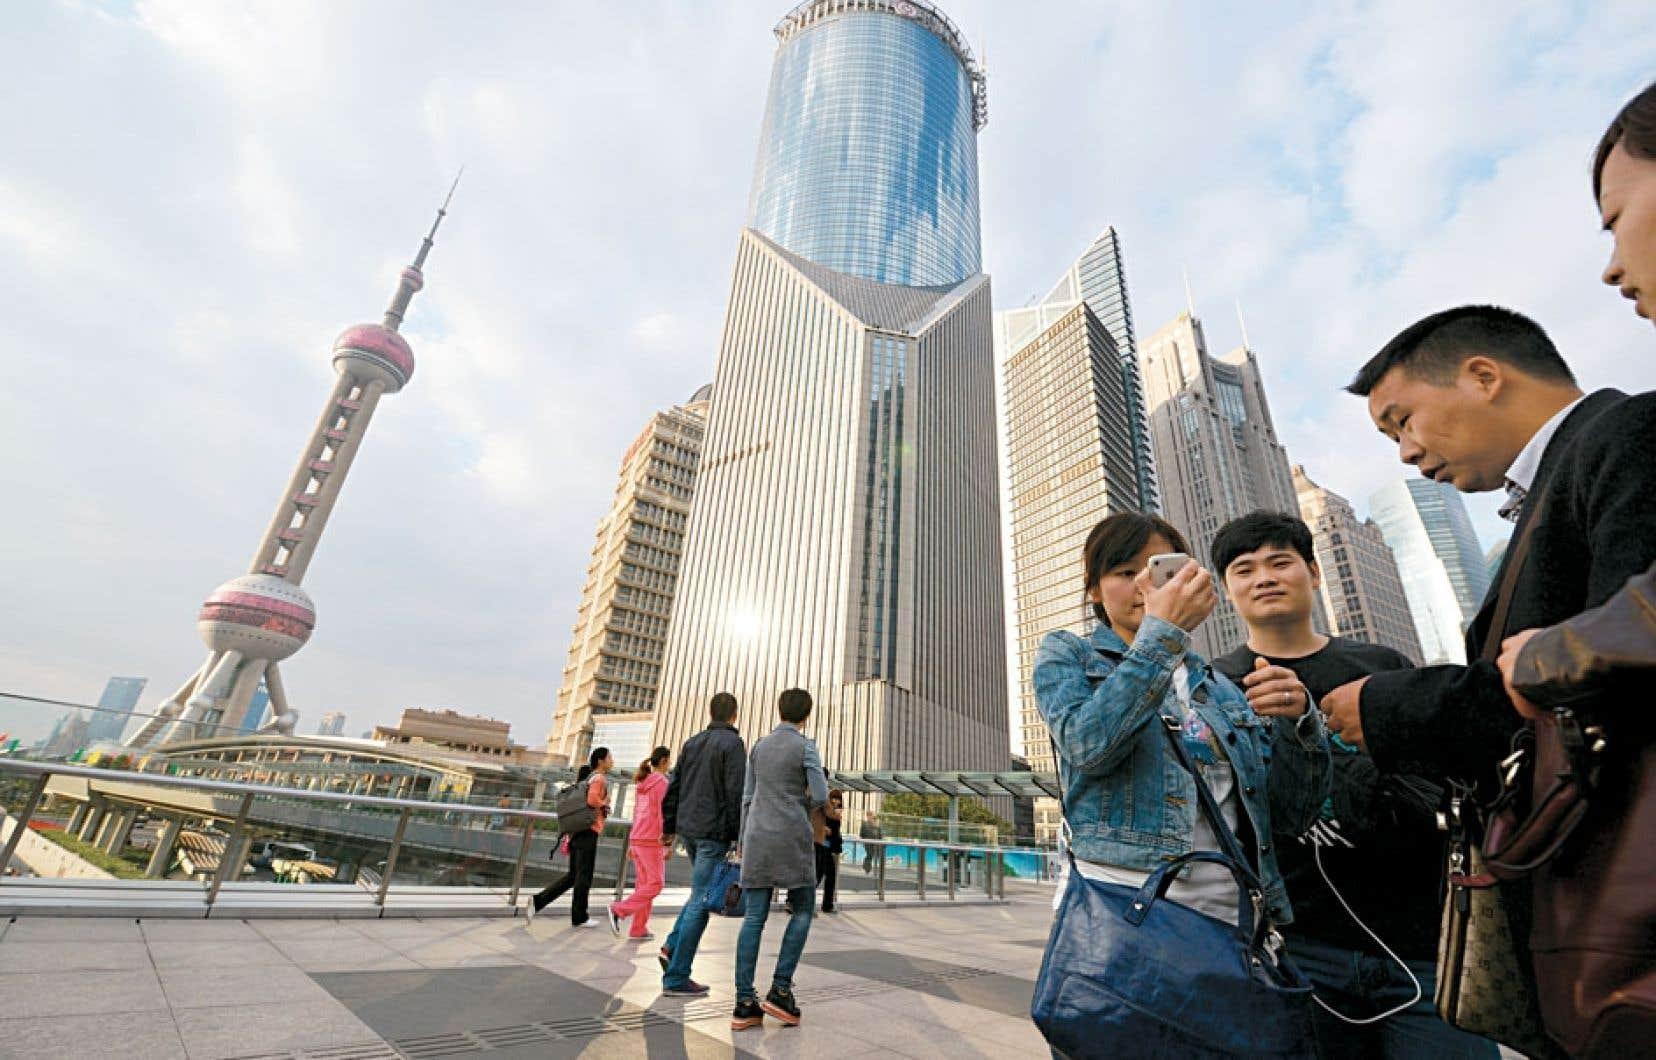 Le district financier de la ville chinoise de Shanghai, une mégapole comptant 23 millions d'habitants.